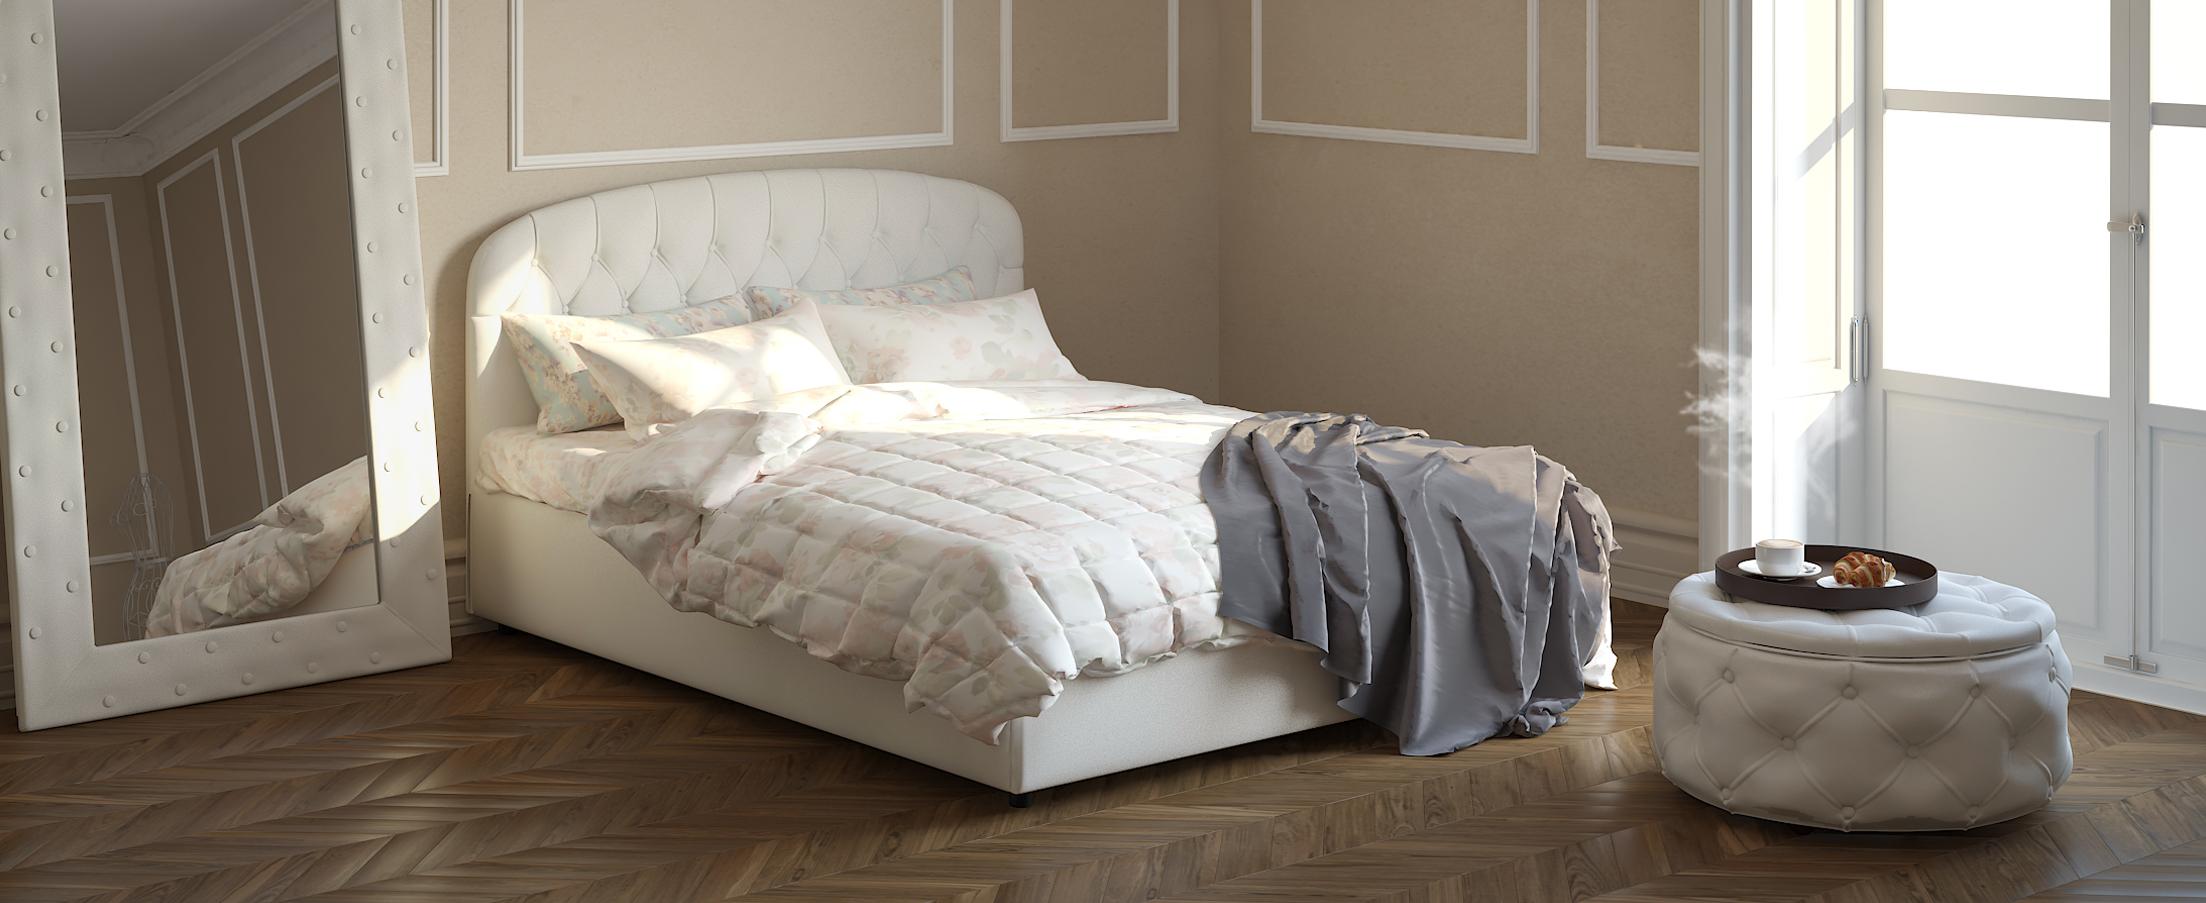 Кровать двуспальная Бьянка 160х200 Модель 1207Оригинальная форма изголовья кровати Бьянка придаст Вашей спальне индивидуальность, а стильные утяжки привнесут нотки благородности и шарма.<br>